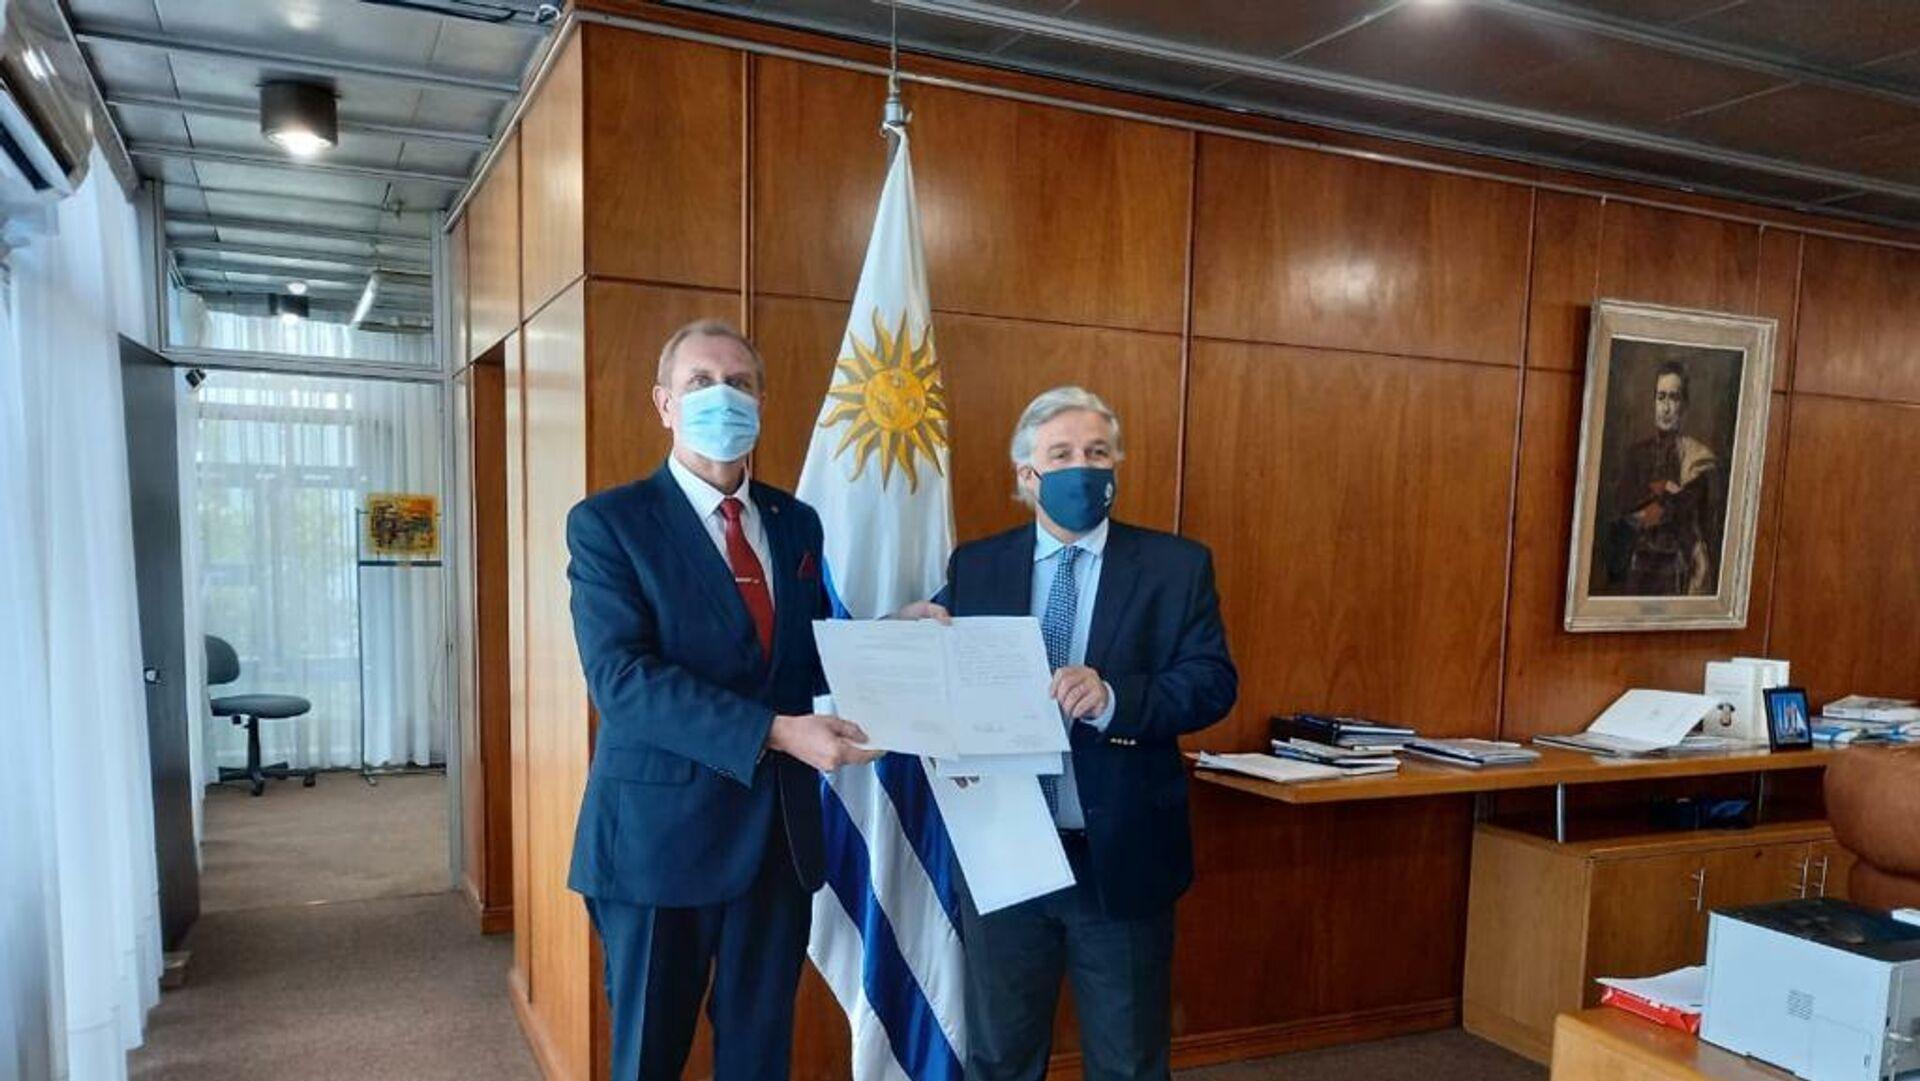 El embajador de la Federación de Rusia en Uruguay, Andréi Budáev, presentó la copia de sus cartas credenciales al canciller Francisco Bustillo - Sputnik Mundo, 1920, 11.02.2021